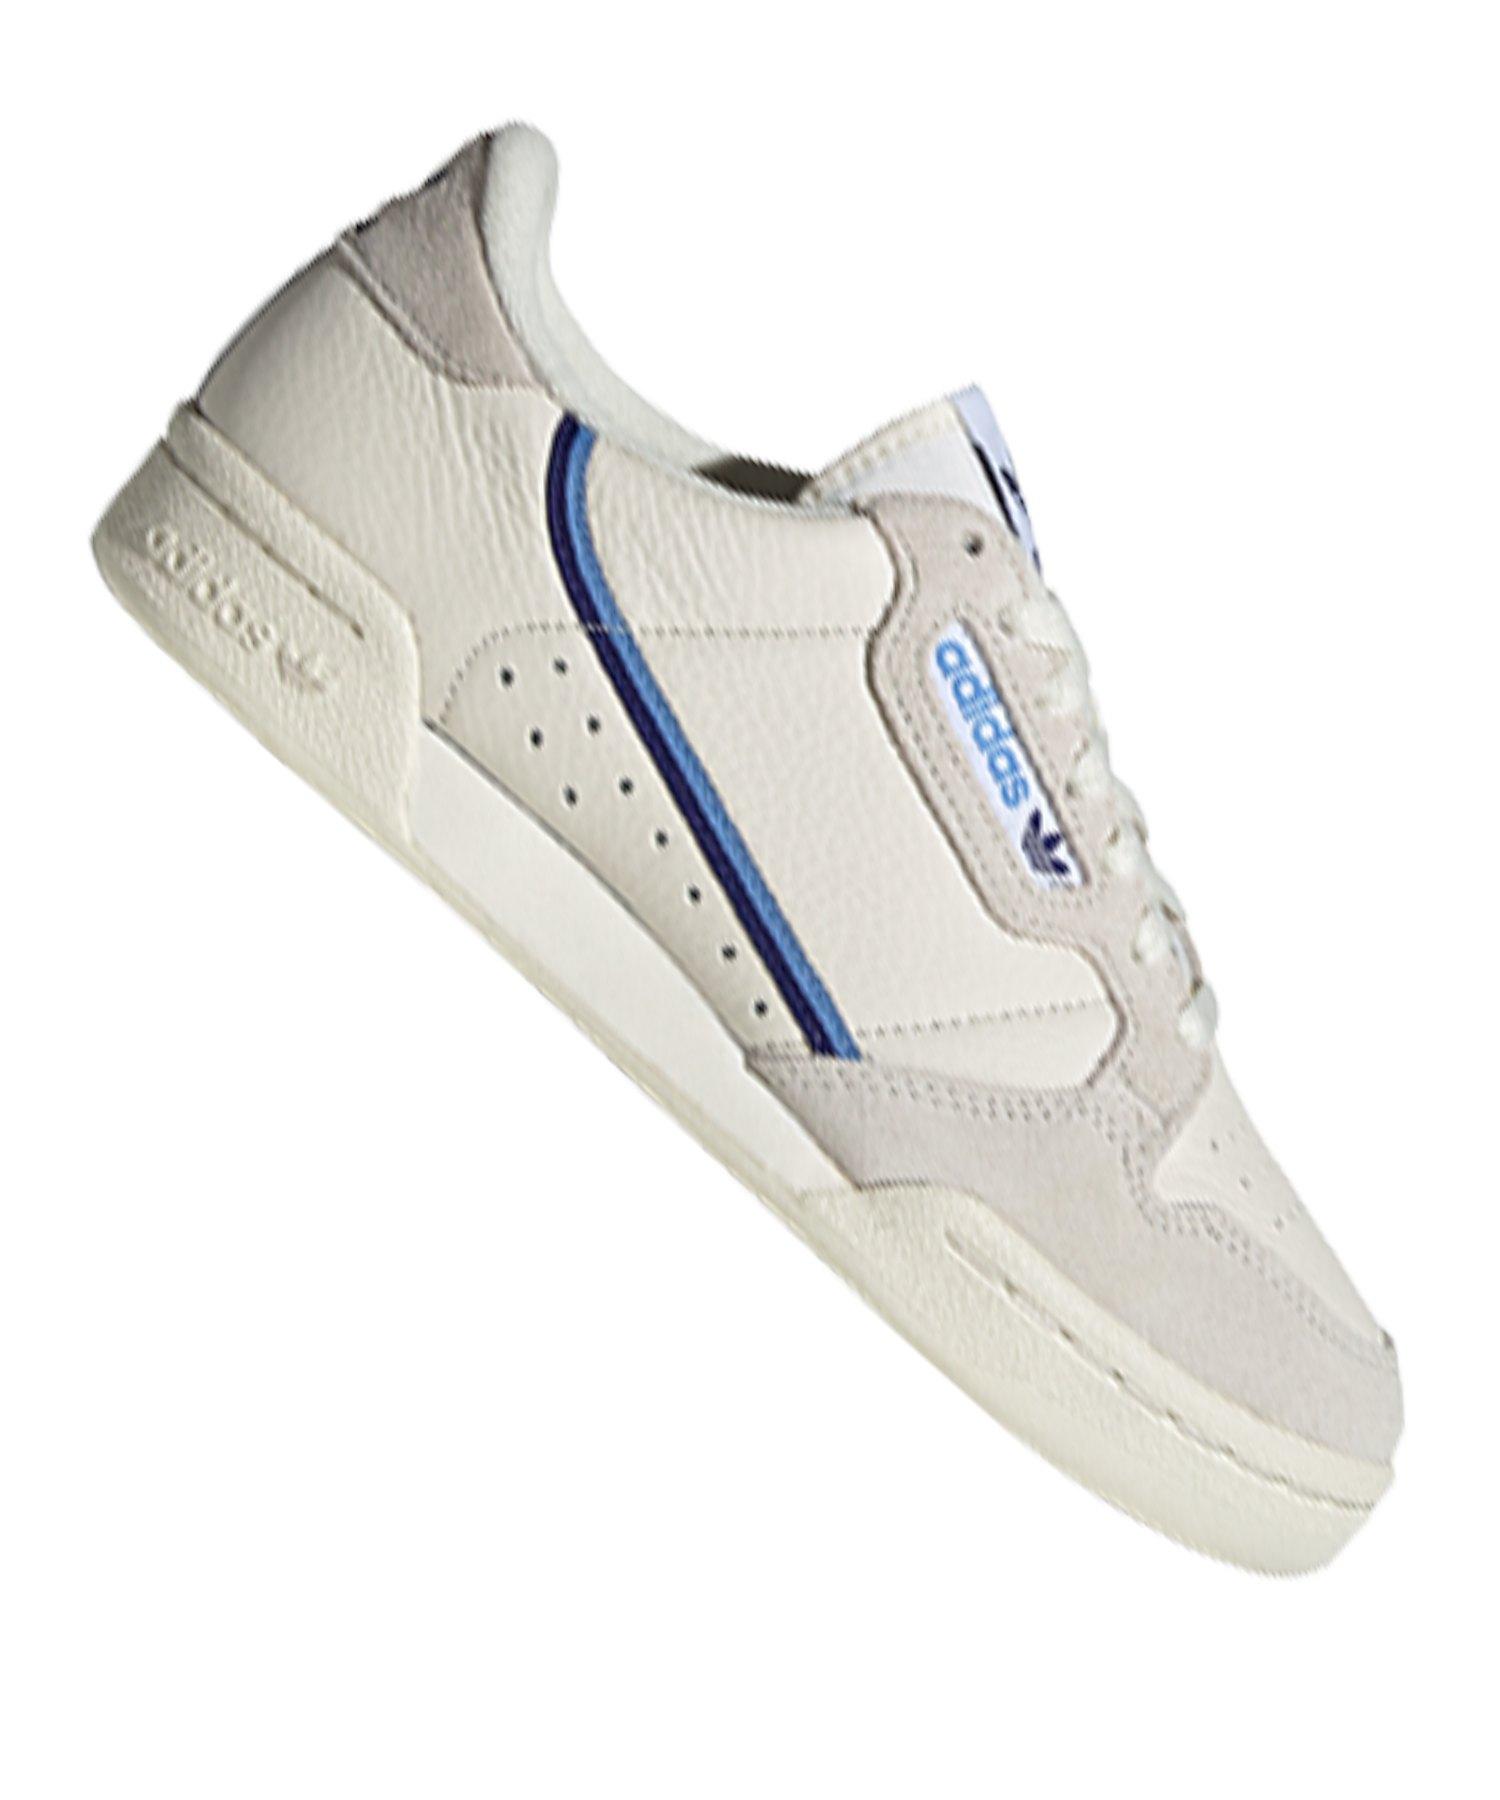 adidas Originals Continental 80 Damen Weiss